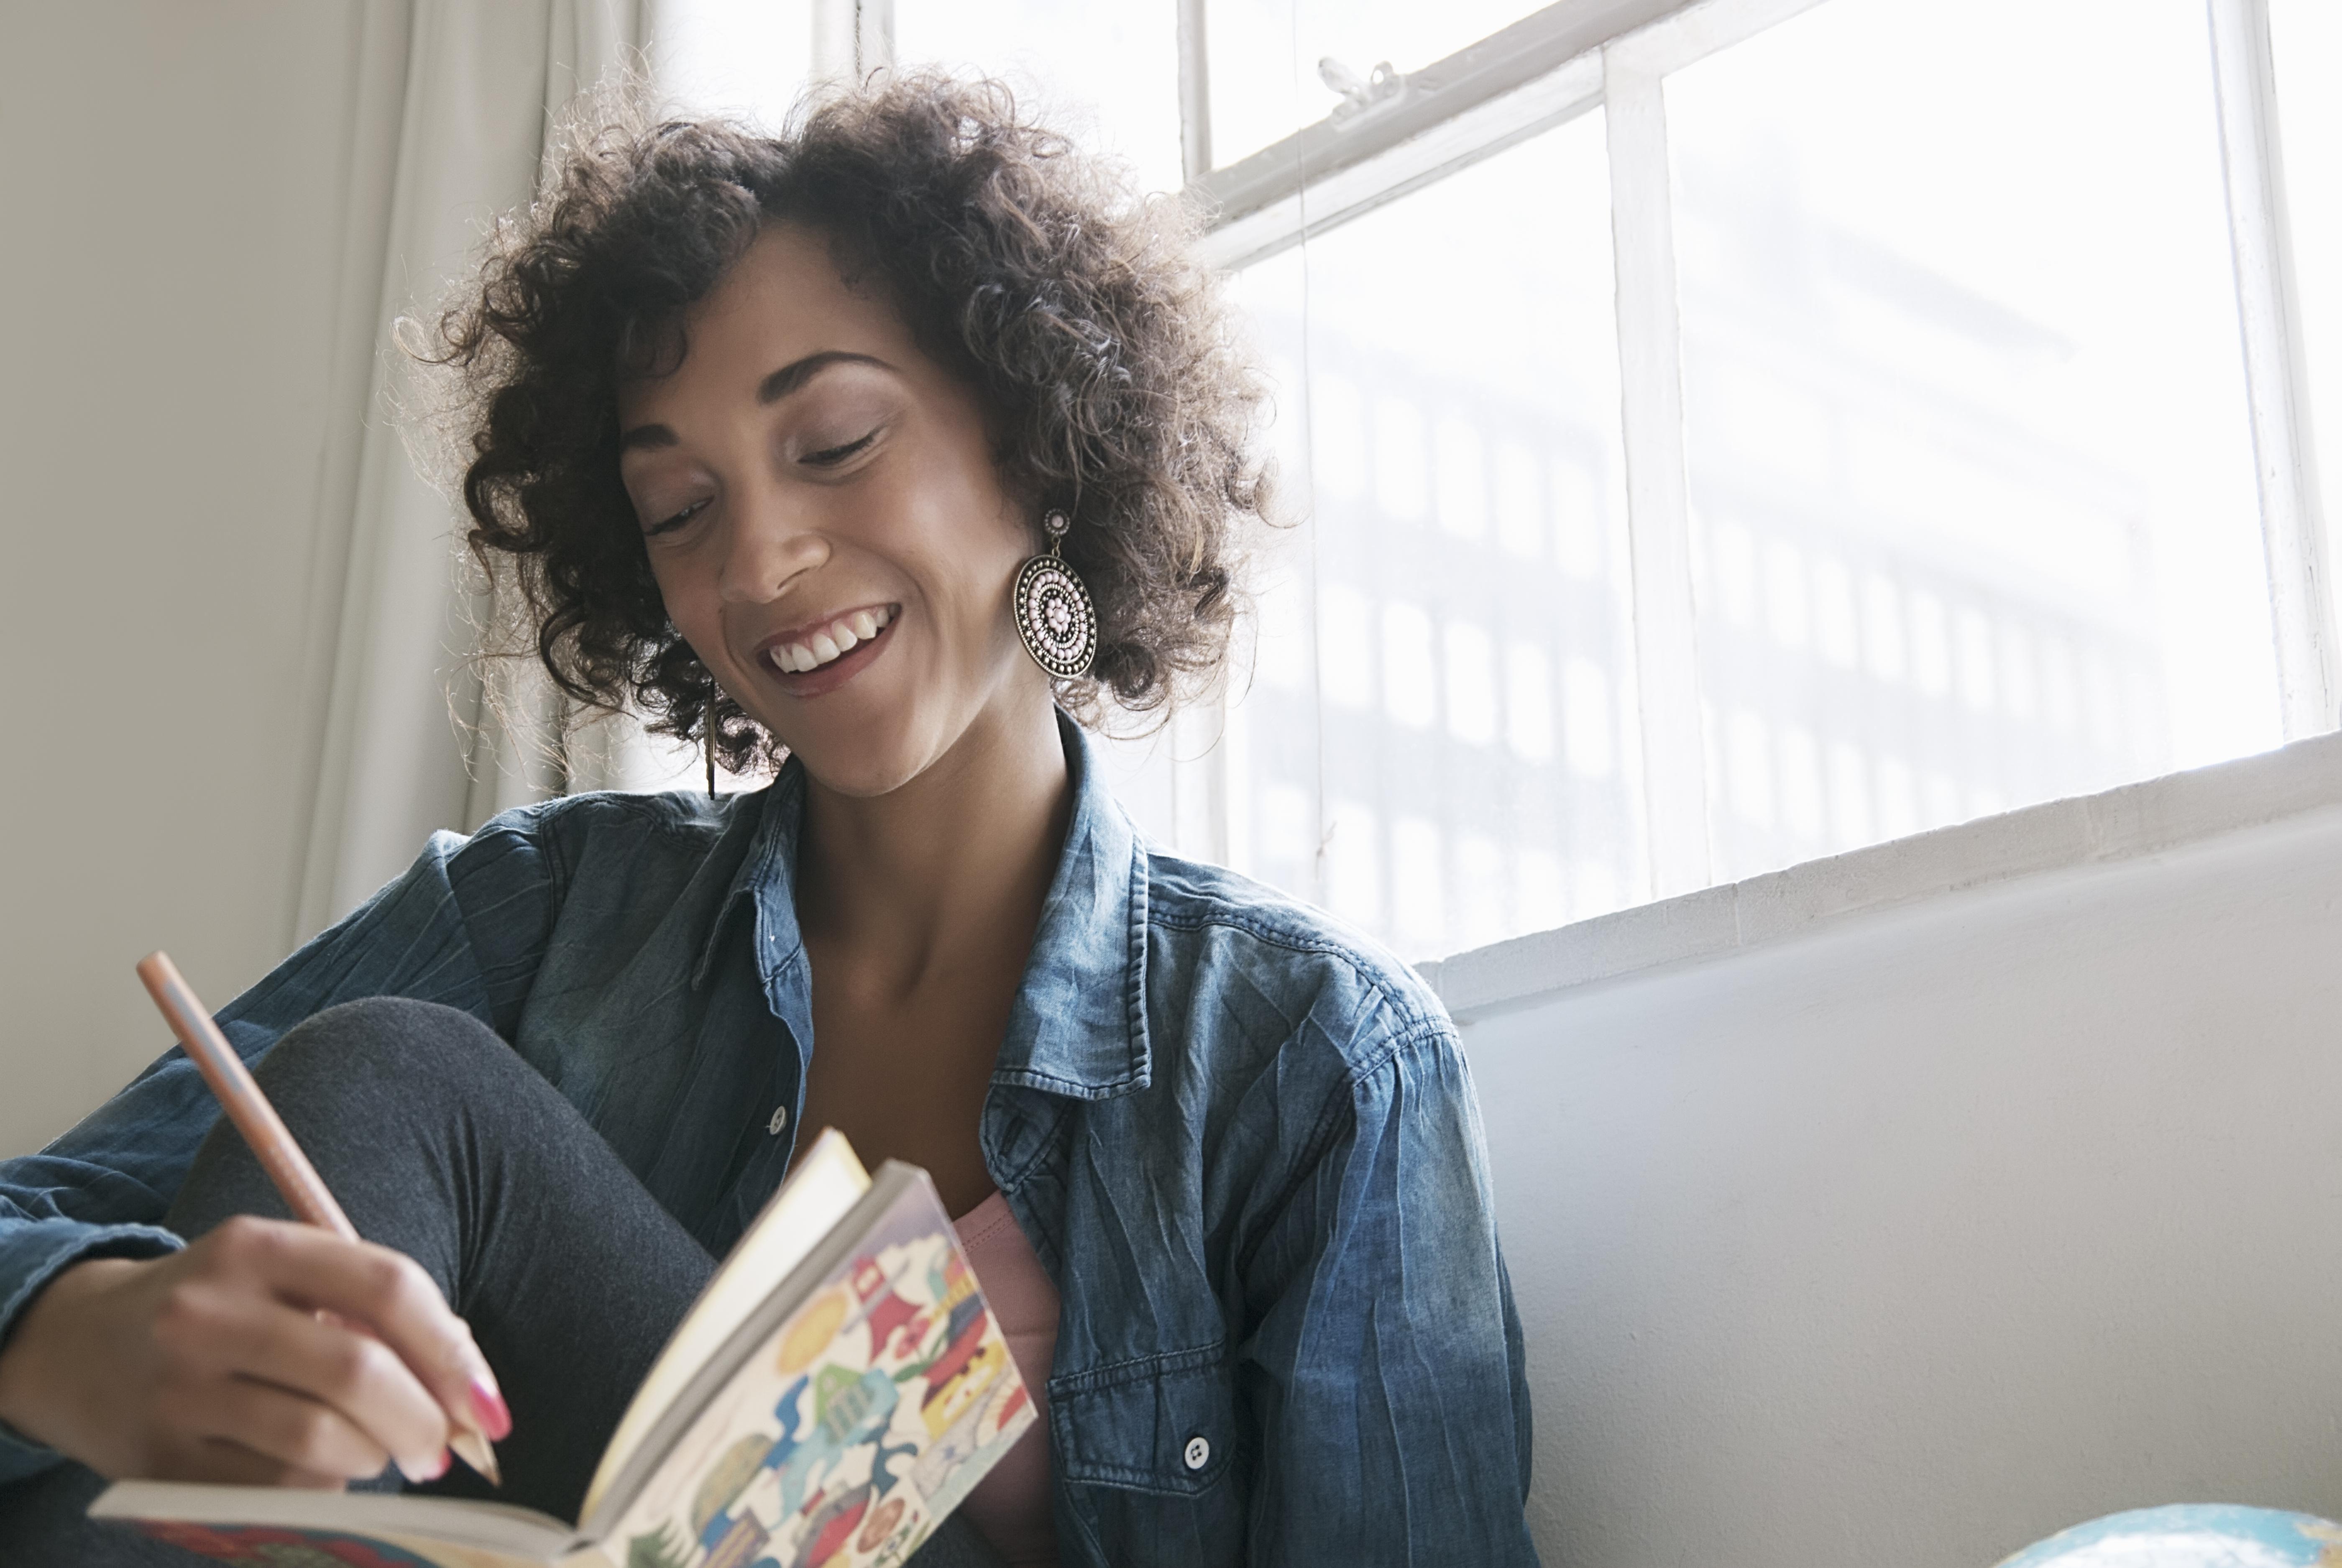 Mujer sonriente escribiendo en diario